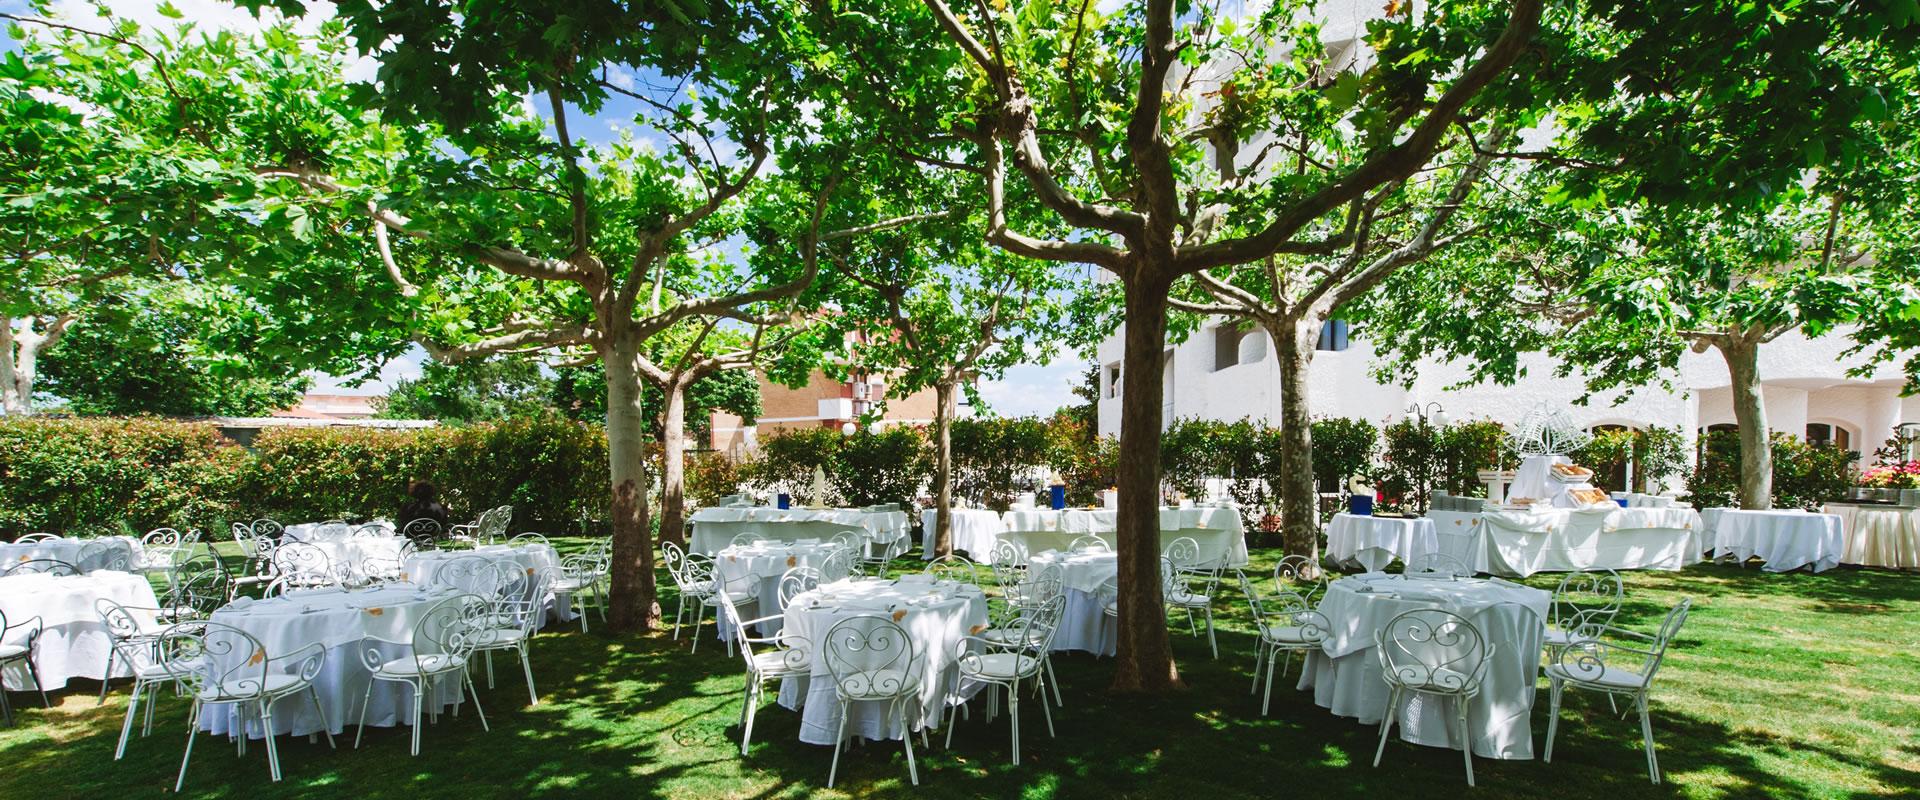 Hotel Bajamar Giardino